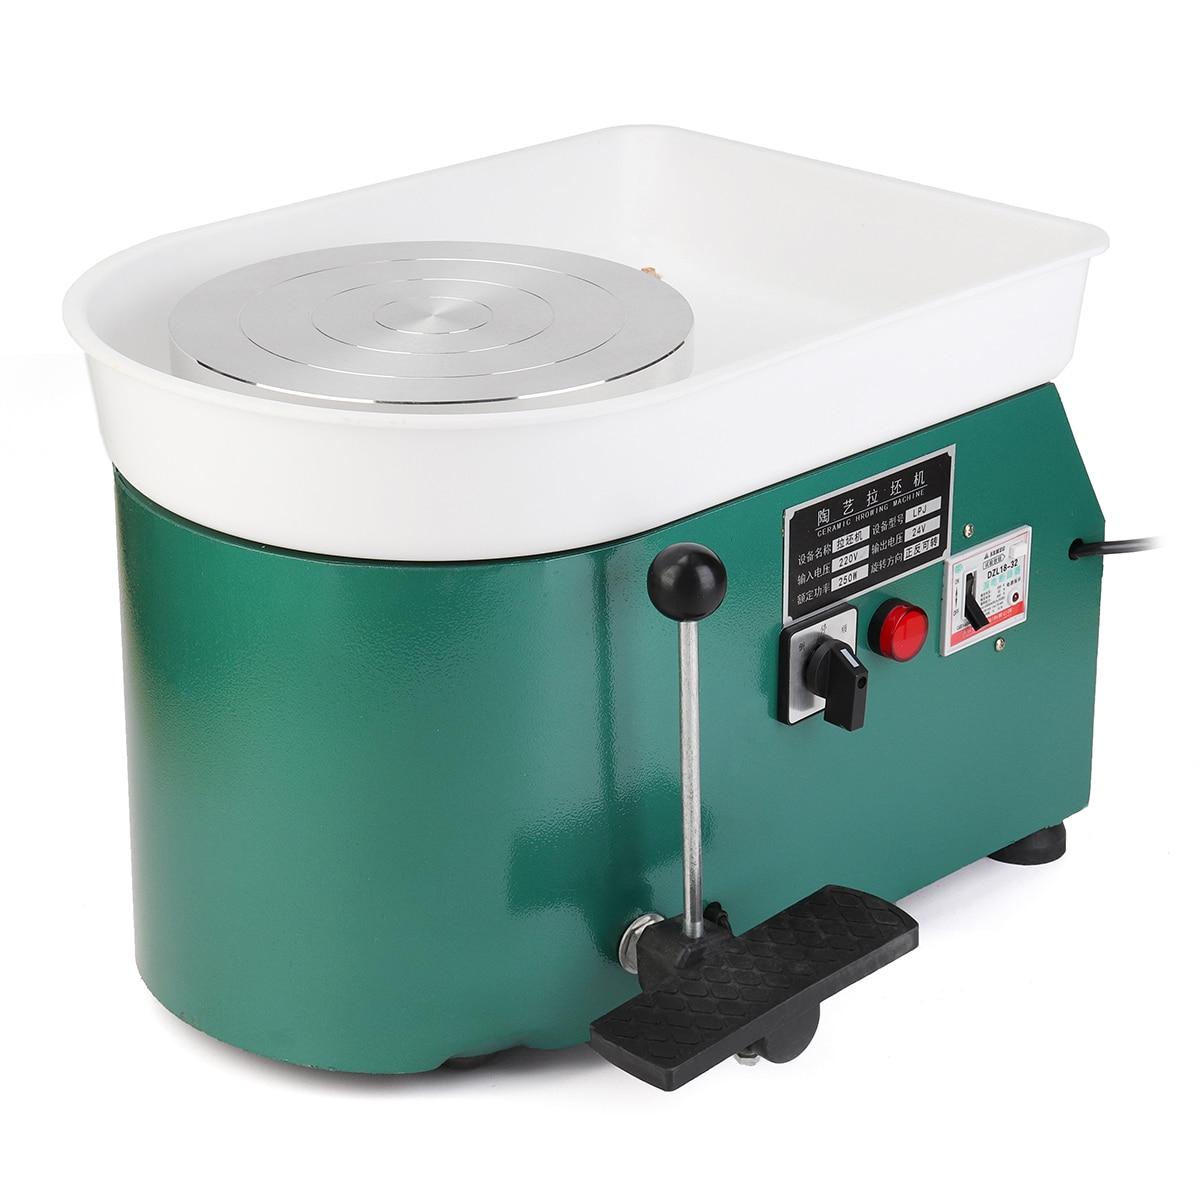 220 v 250 w 1 set Vert Couleur Plug UA Électrique Poterie Roue En Céramique Machine DIY Argile Art Artisanat Outil équipement